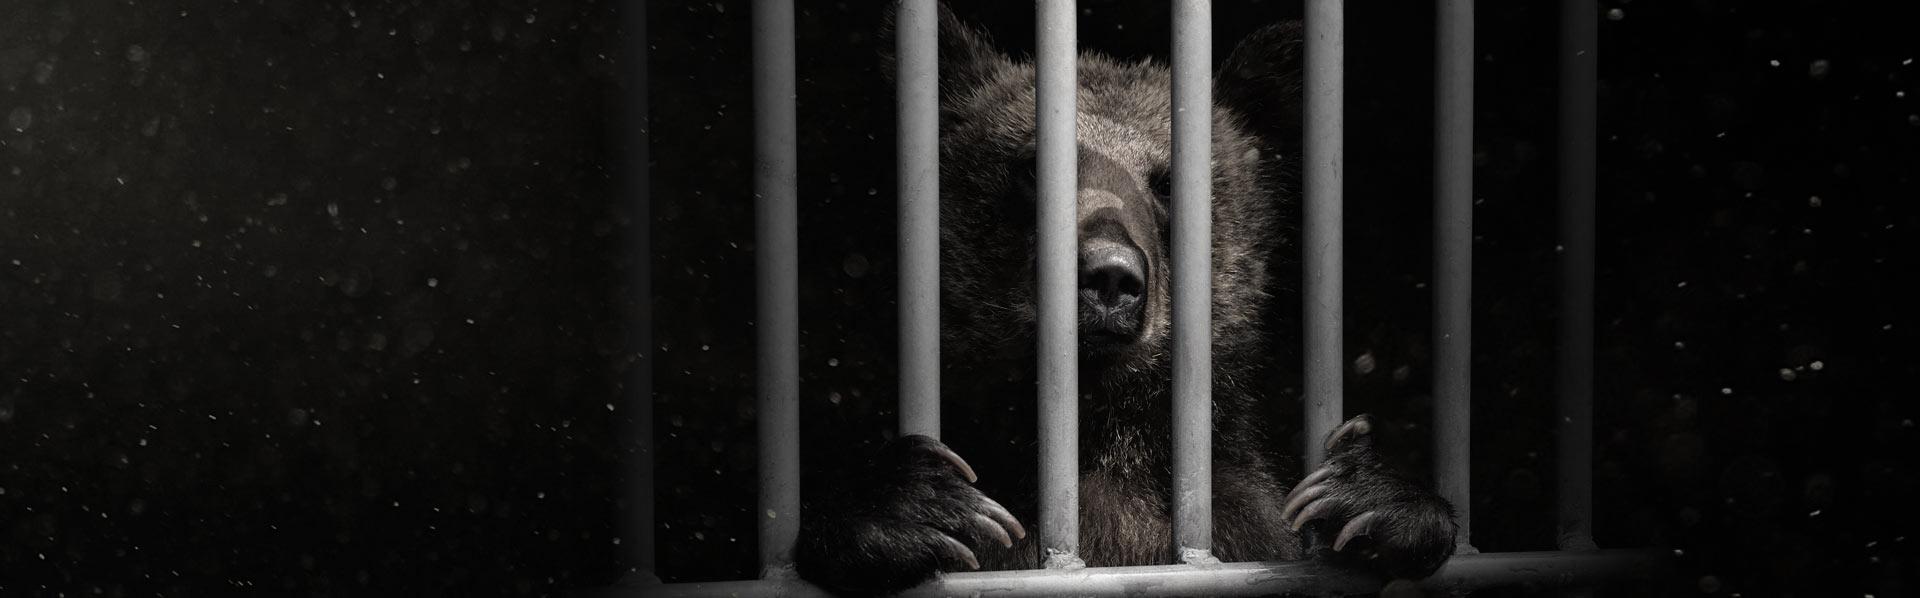 bear_bg_2